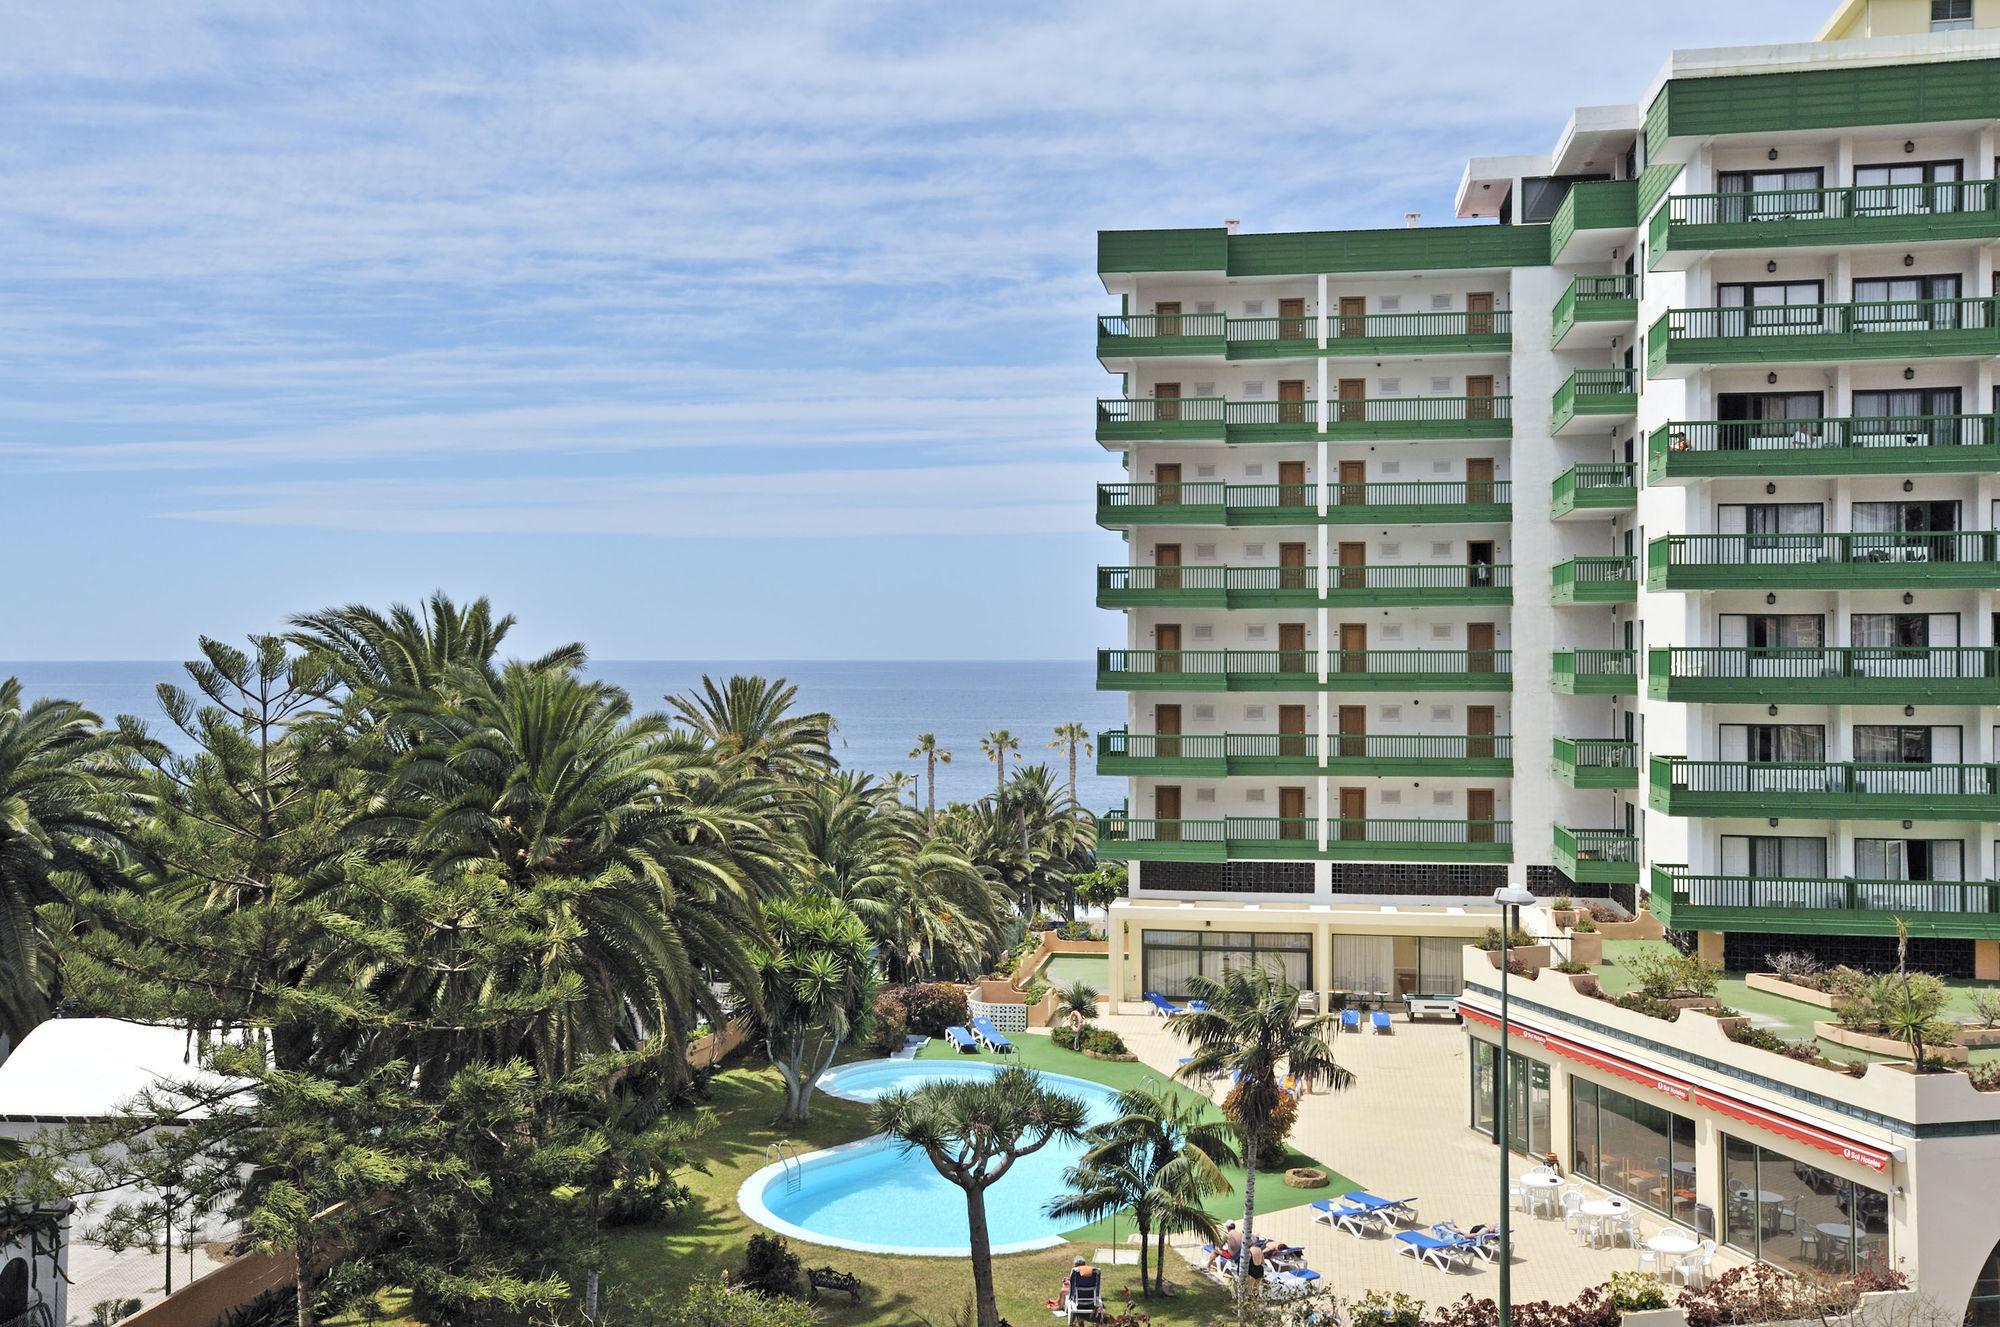 Sol puerto playa hotel puerto de la cruz tenerife - Hotel sol puerto de la cruz ...